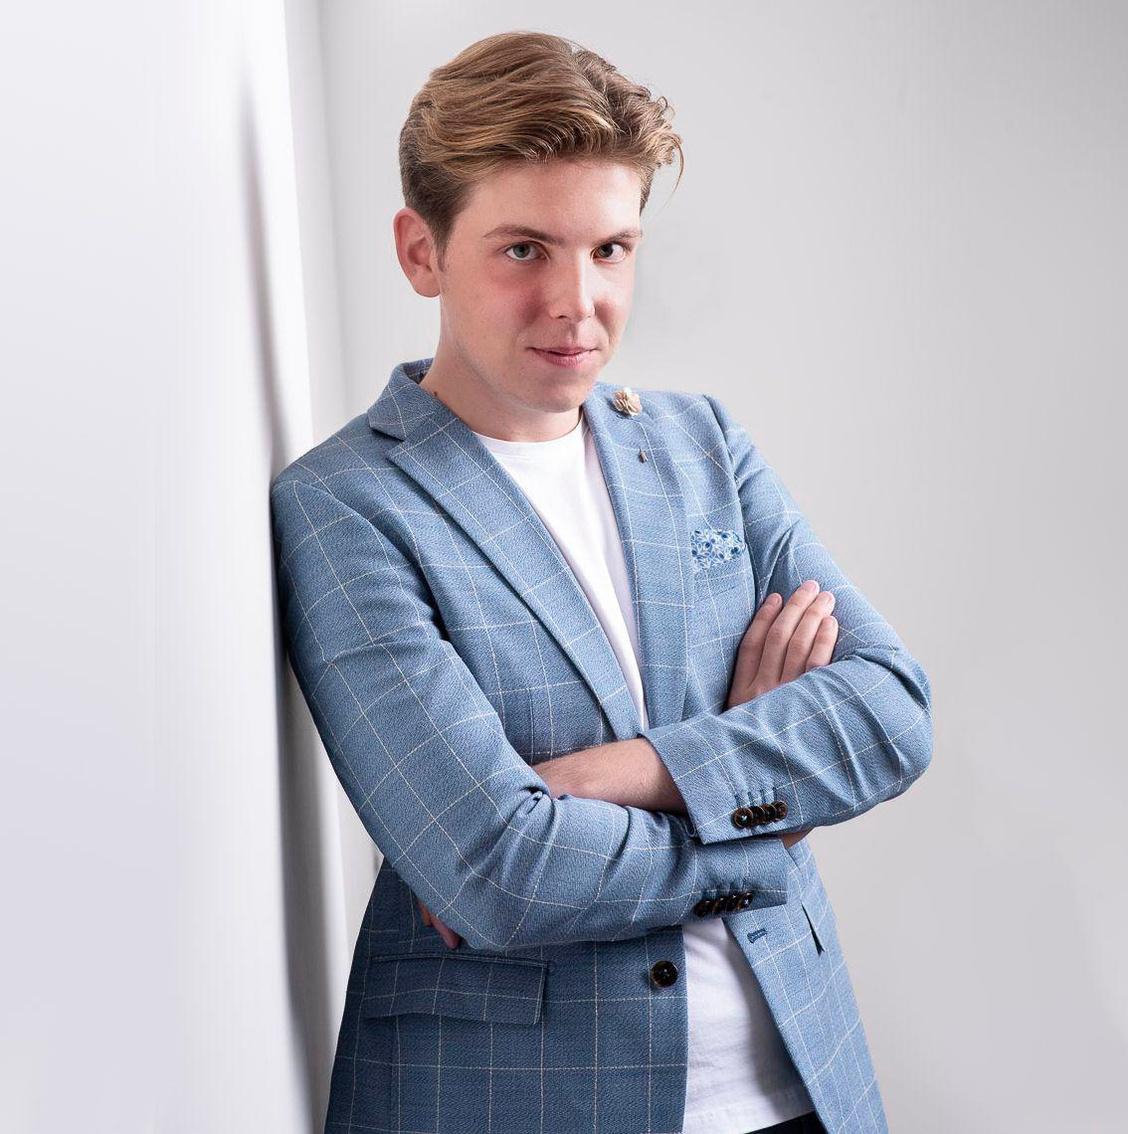 Mervyn uit Brugge lanceert eerste single op 'vrijdag de dertiende' na jaar vol tegenslagen